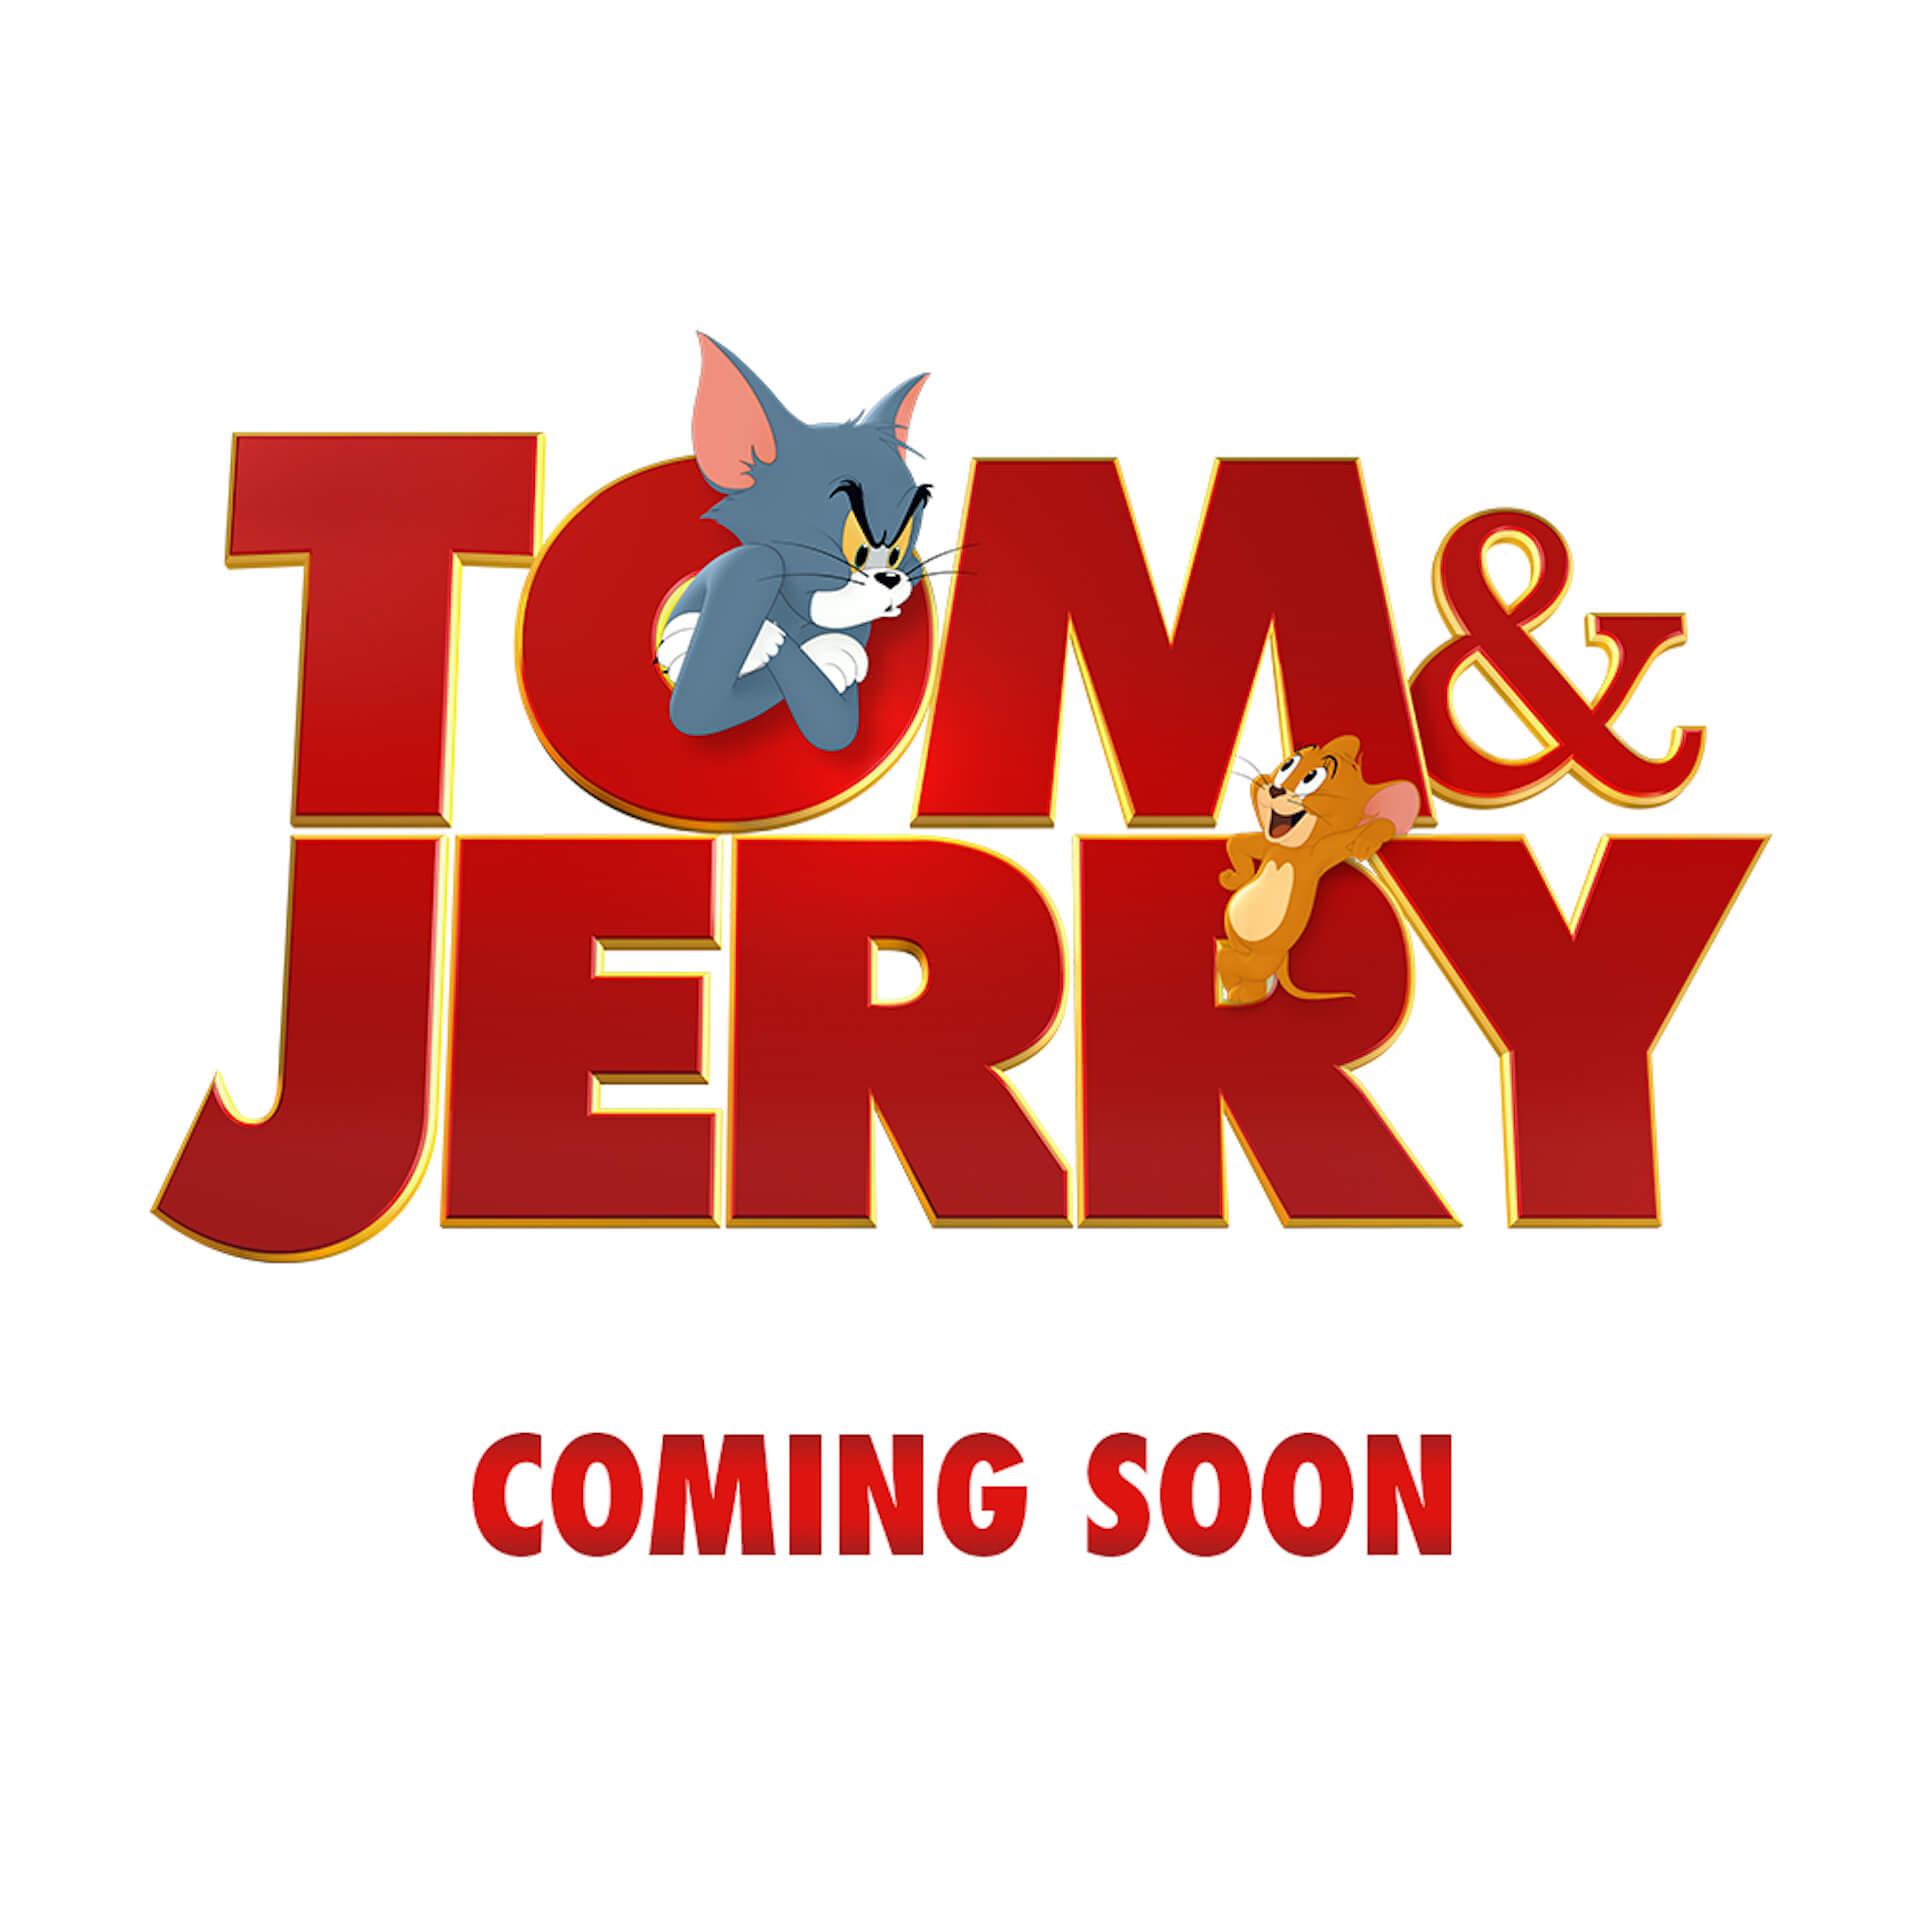 大人気アニメ『トムとジェリー』が実写映像とハイブリッド!クロエ・グレース・モレッツら出演の『Tom & Jerry The Movie』トレーラーが解禁 film201118_tomandjerry_main